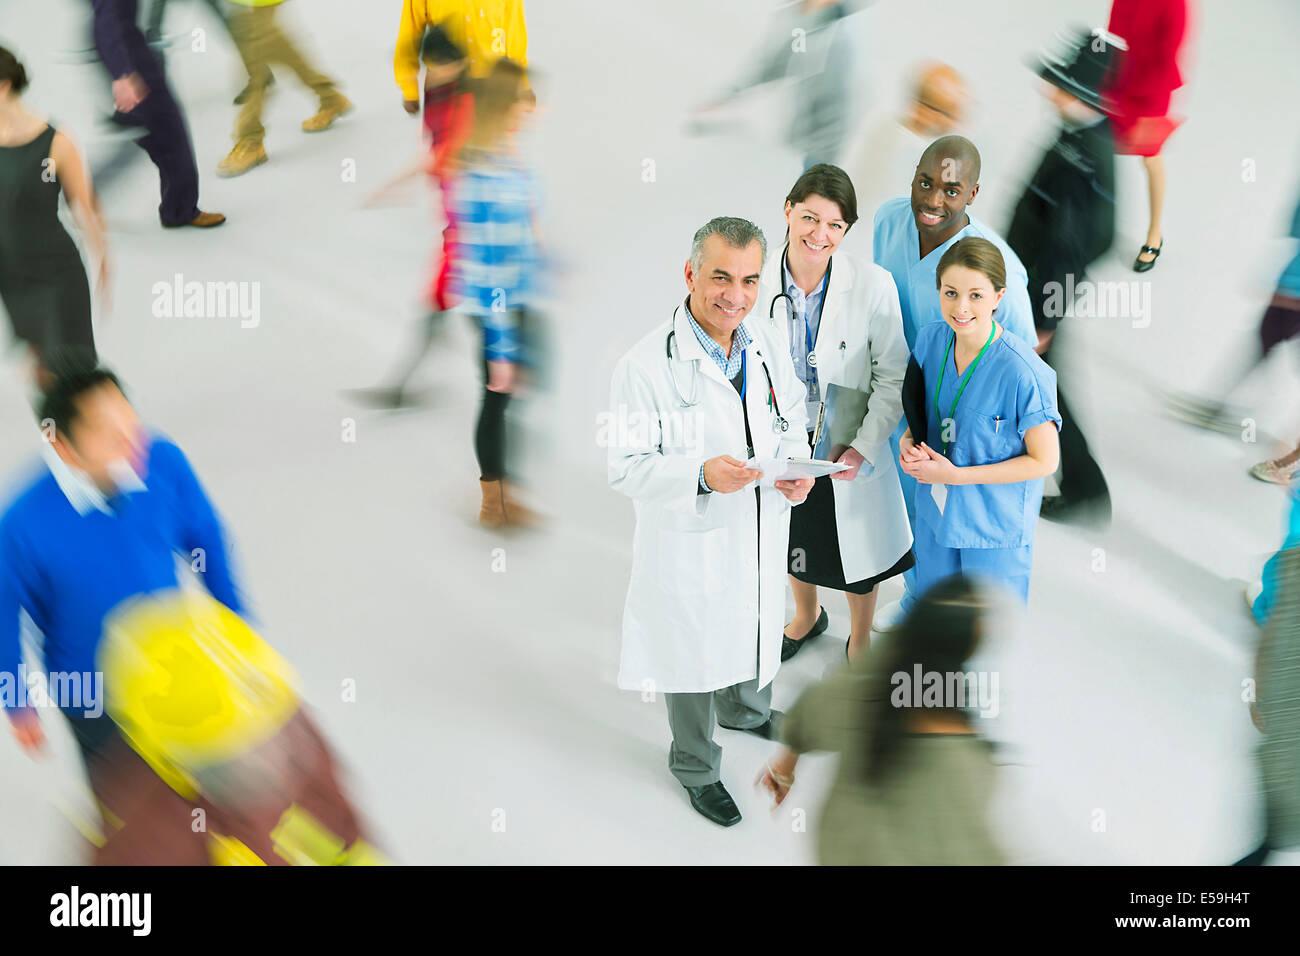 Retrato de seguros médicos y enfermeras entre la muchedumbre Foto de stock